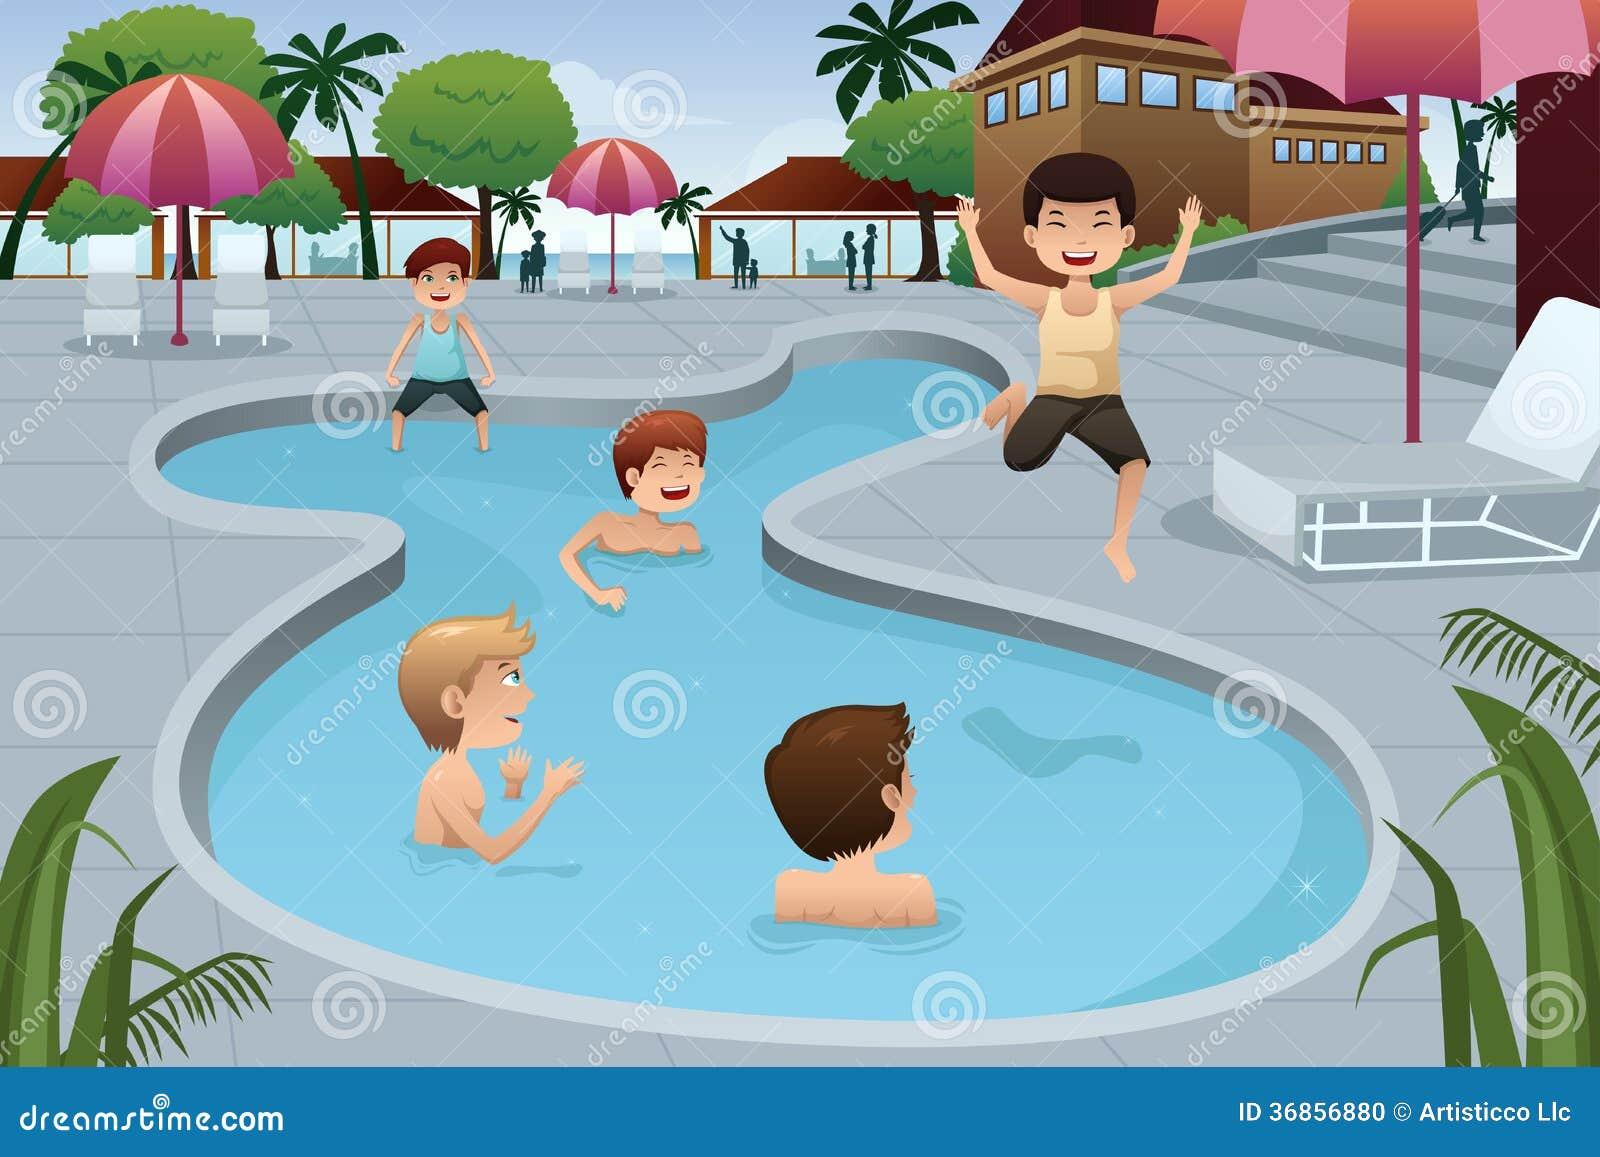 kinder die in einem swimmingpool im freien spielen stockfoto bild 36856880. Black Bedroom Furniture Sets. Home Design Ideas